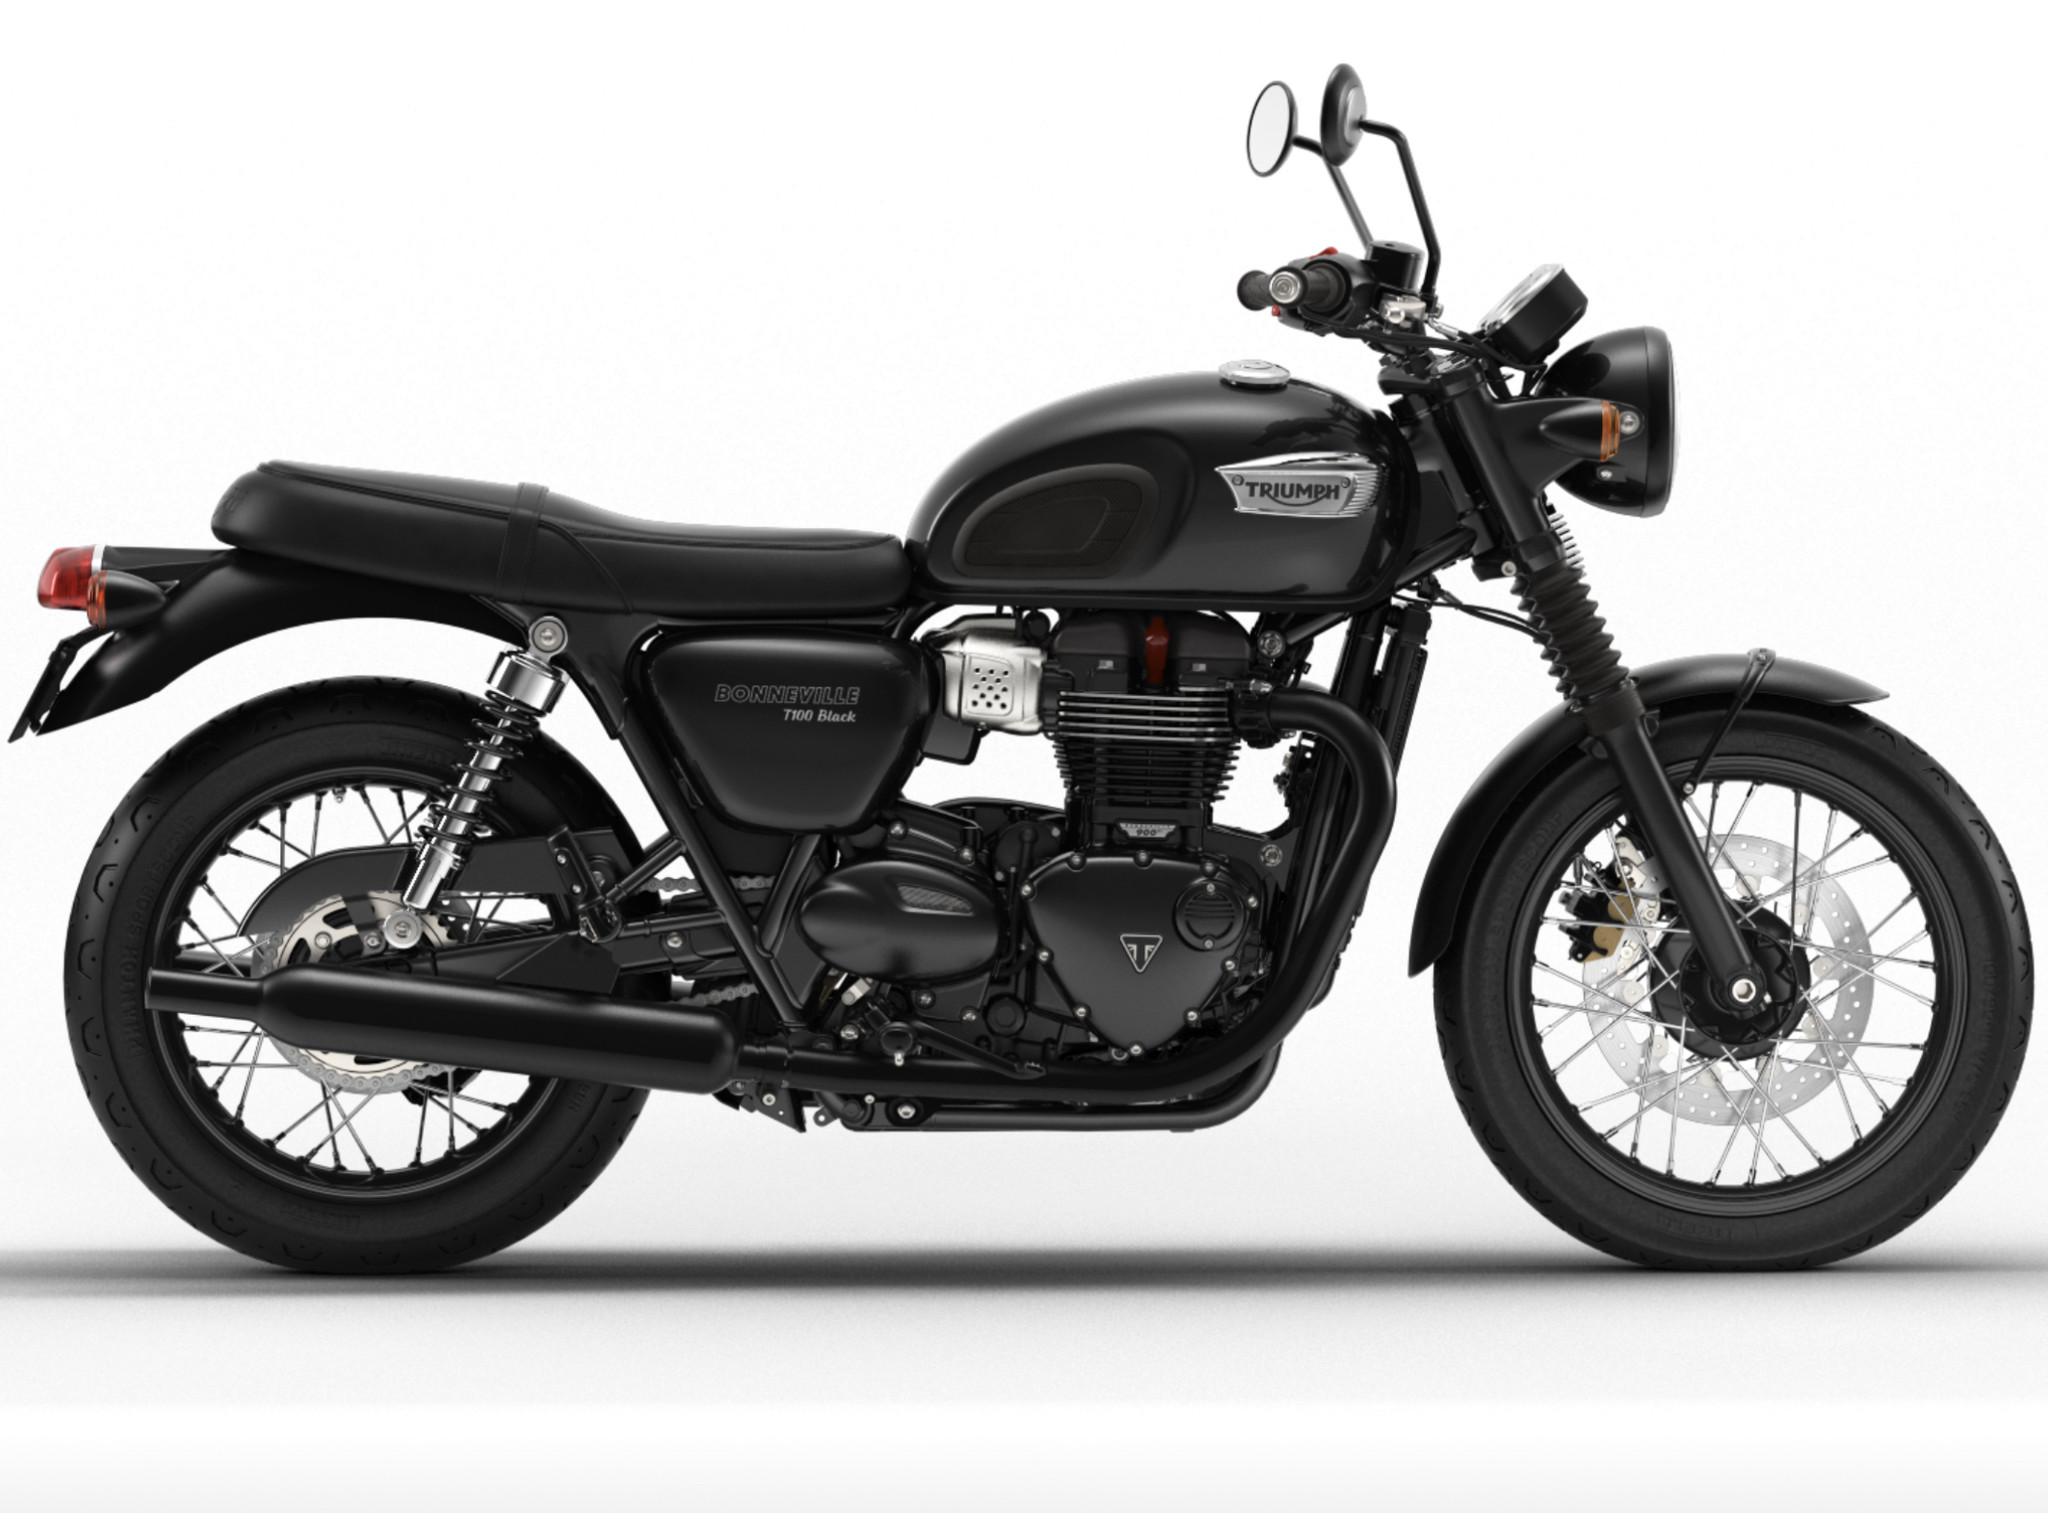 Triumph Bonneville T 120 Black